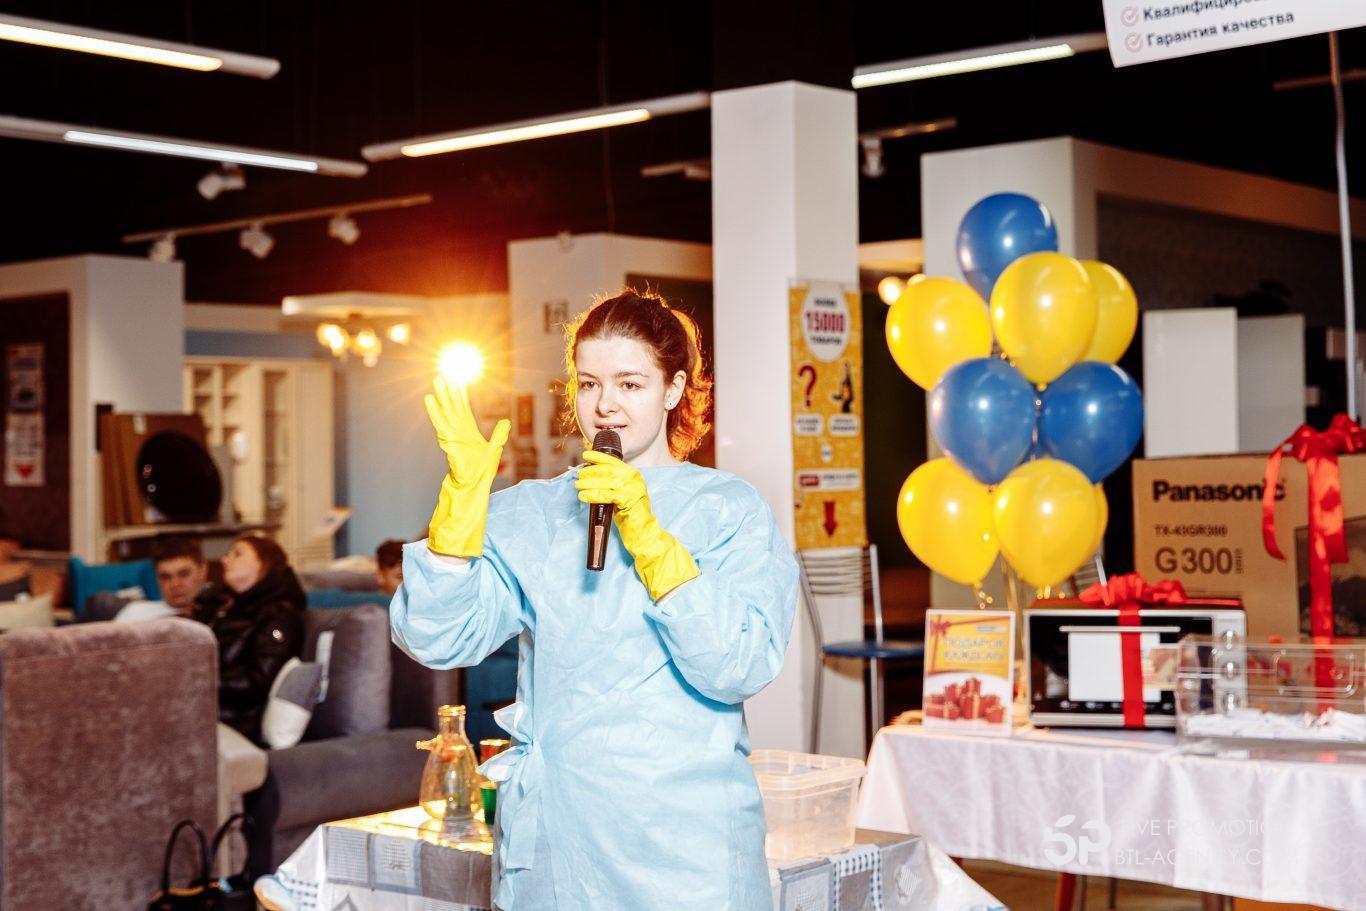 , Большая лотерея в Туле 7 марта 2020